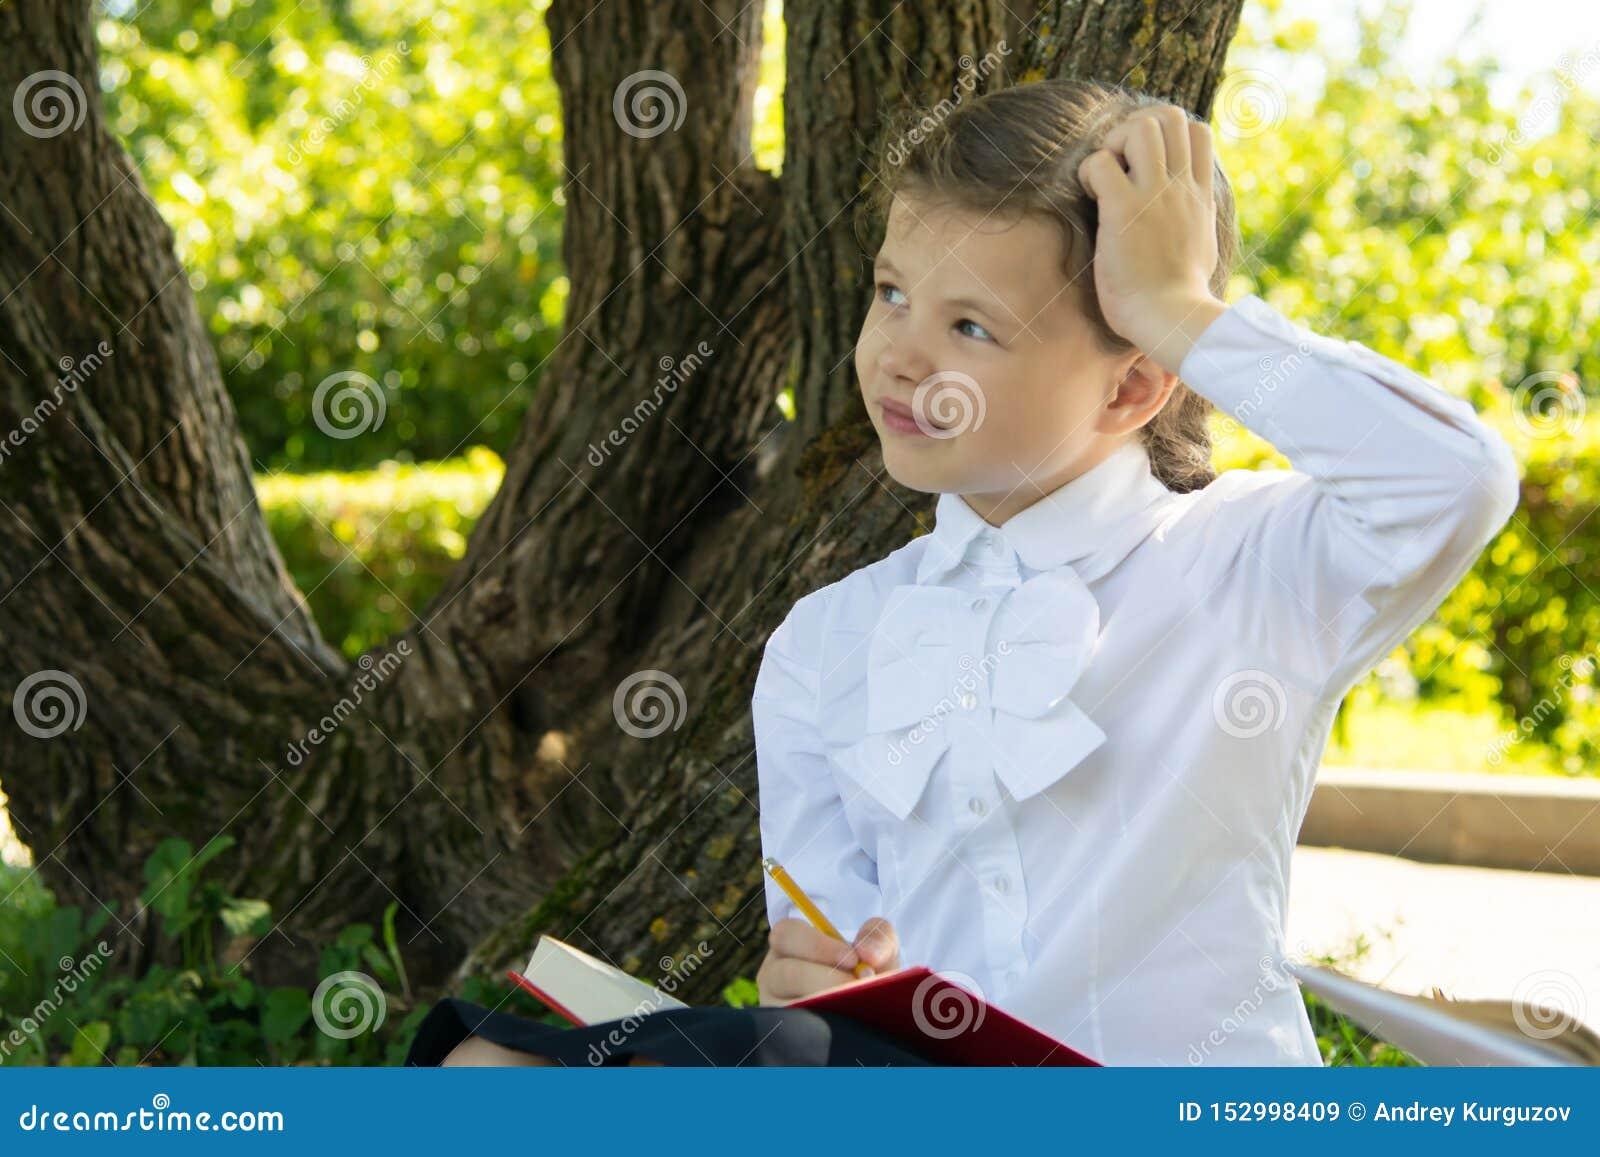 Écolière faisant le travail en parc à l air frais, pensant à la tâche et rayant sa tête, plan rapproché